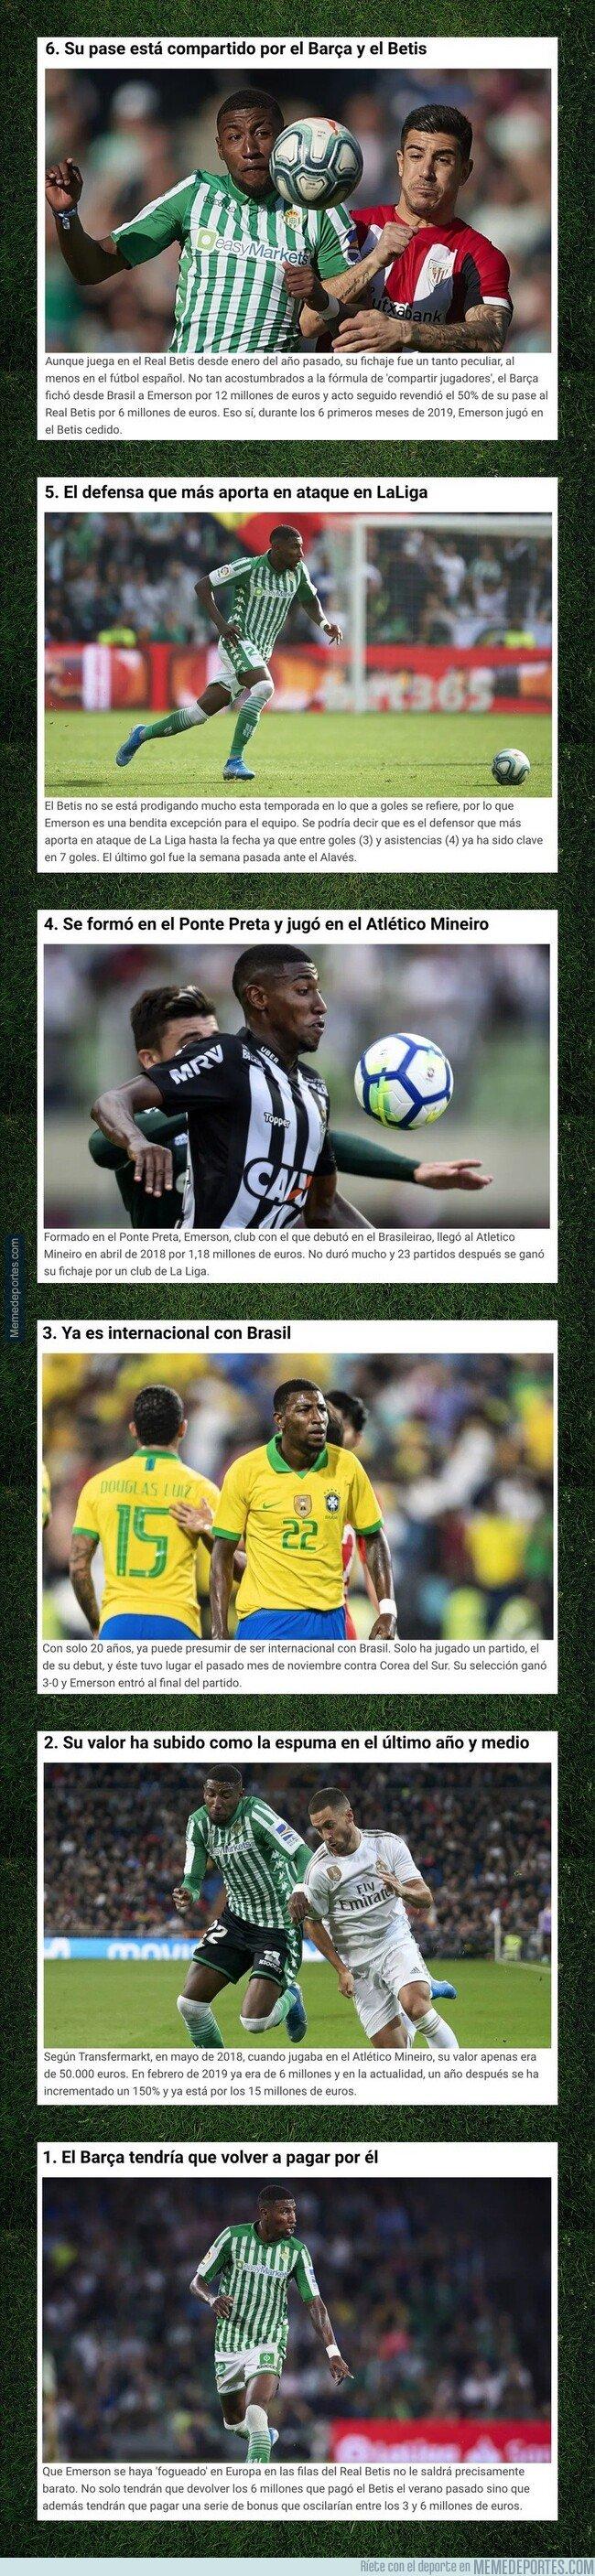 1095331 - 6 cosas que no sabías de Emerson, el futbolista que 'comparten' el Betis y el FC Barcelona